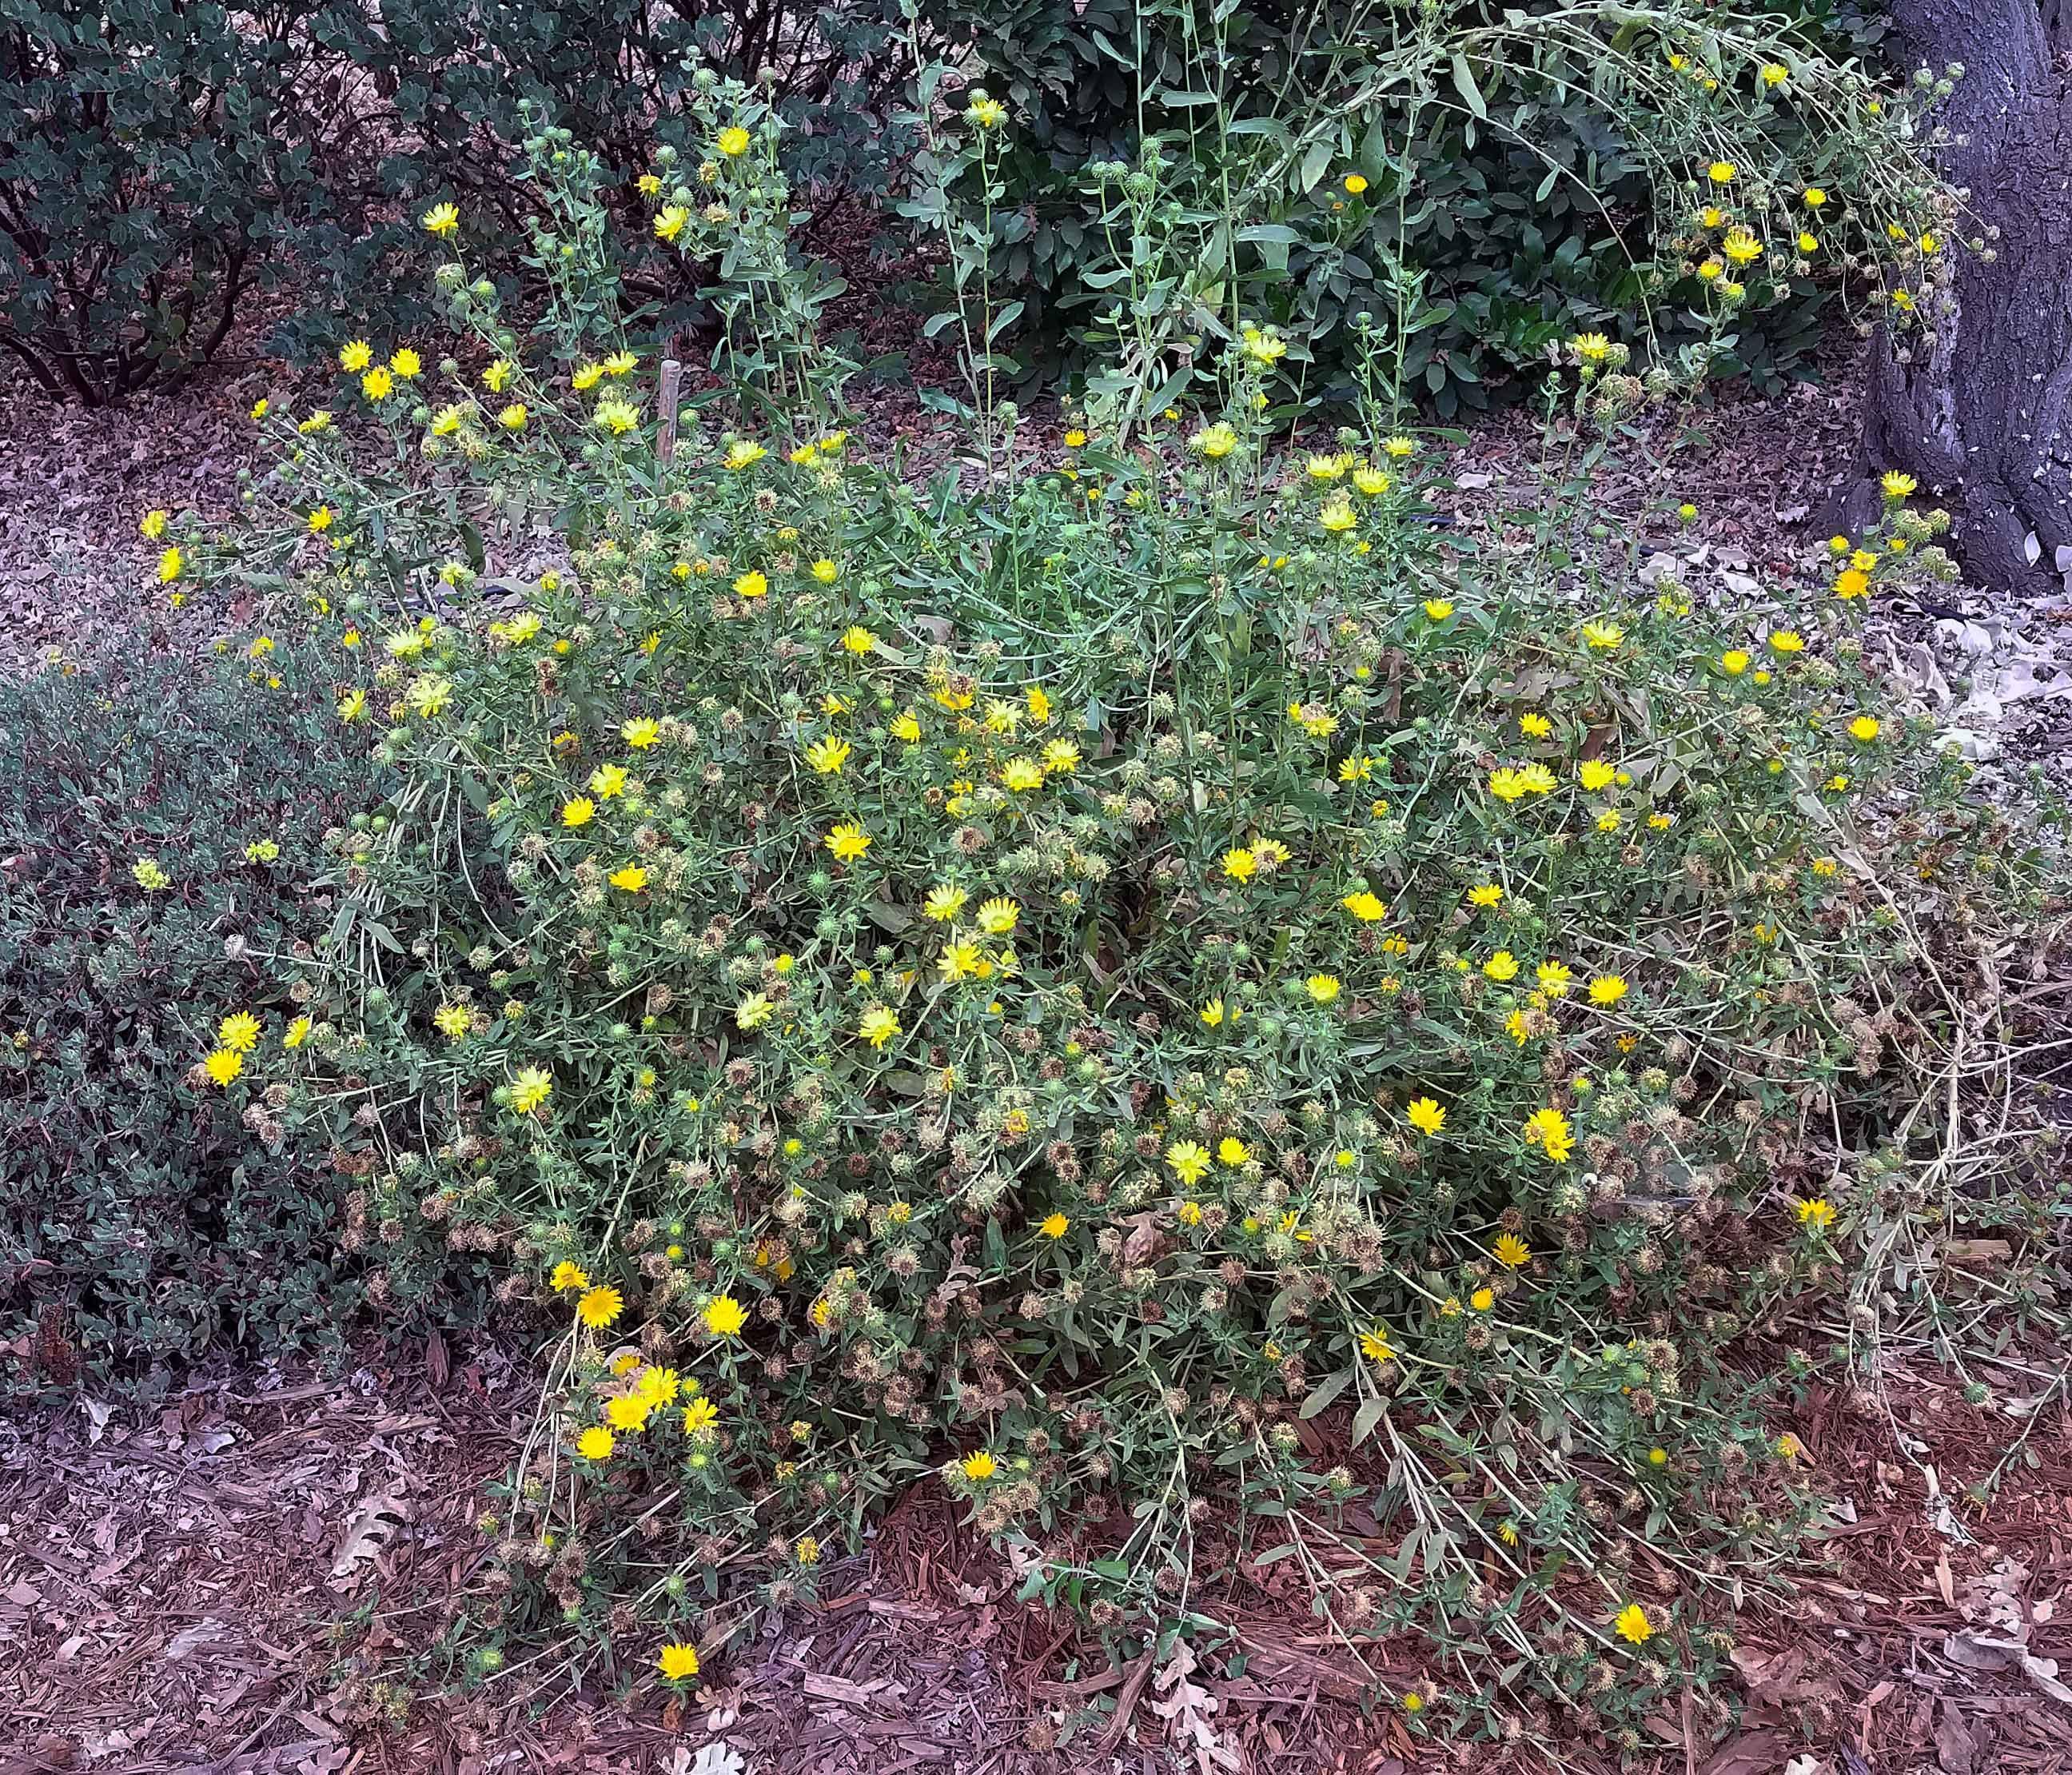 Gumplant-growing-wild